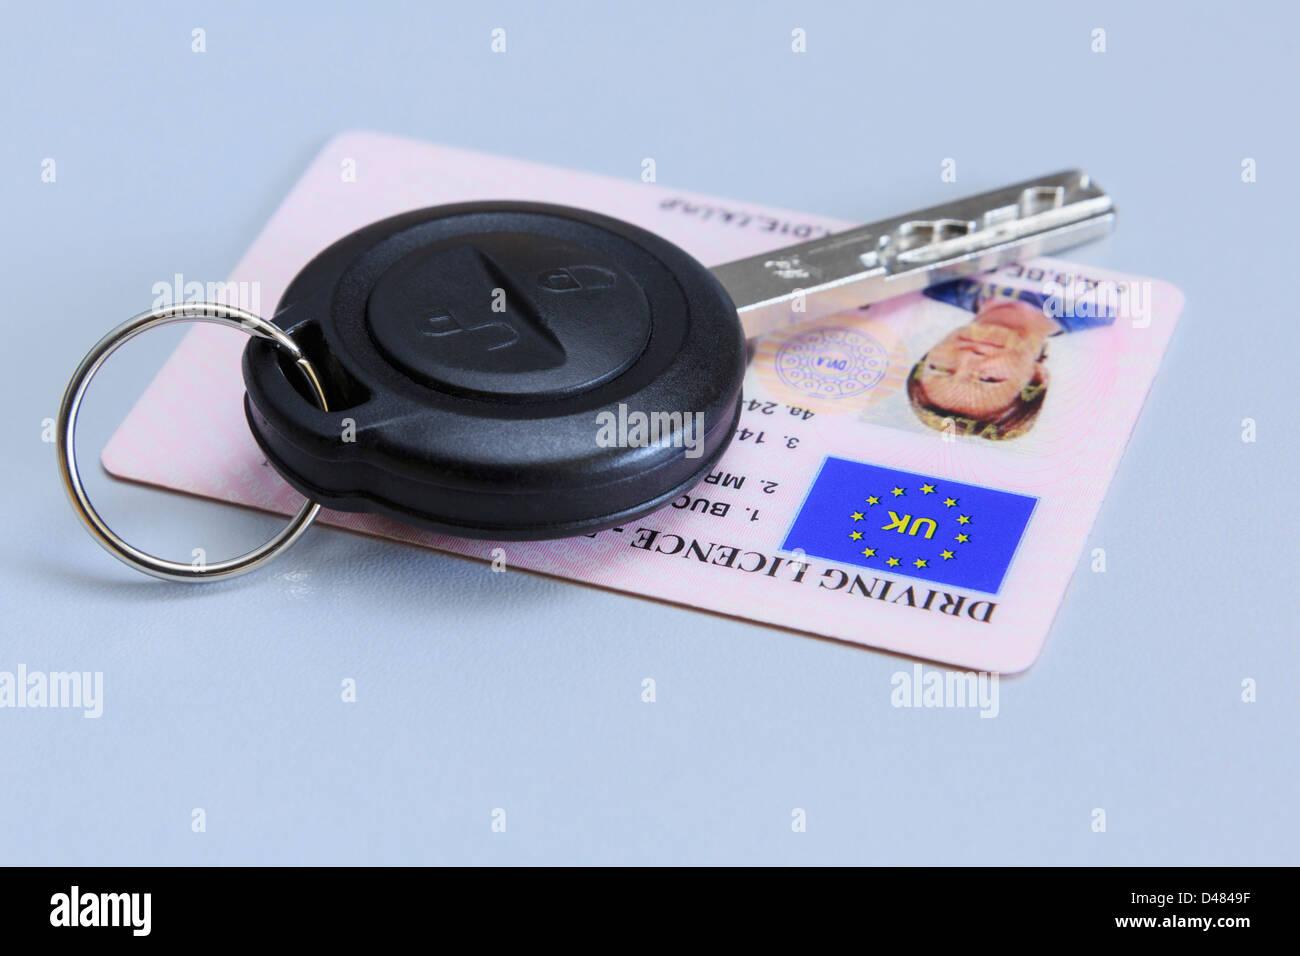 Entfernten Fahrzeugschlüssel mit einer Frau britischen Plastikkarte fotografischen Führerschein auf einen Stockbild